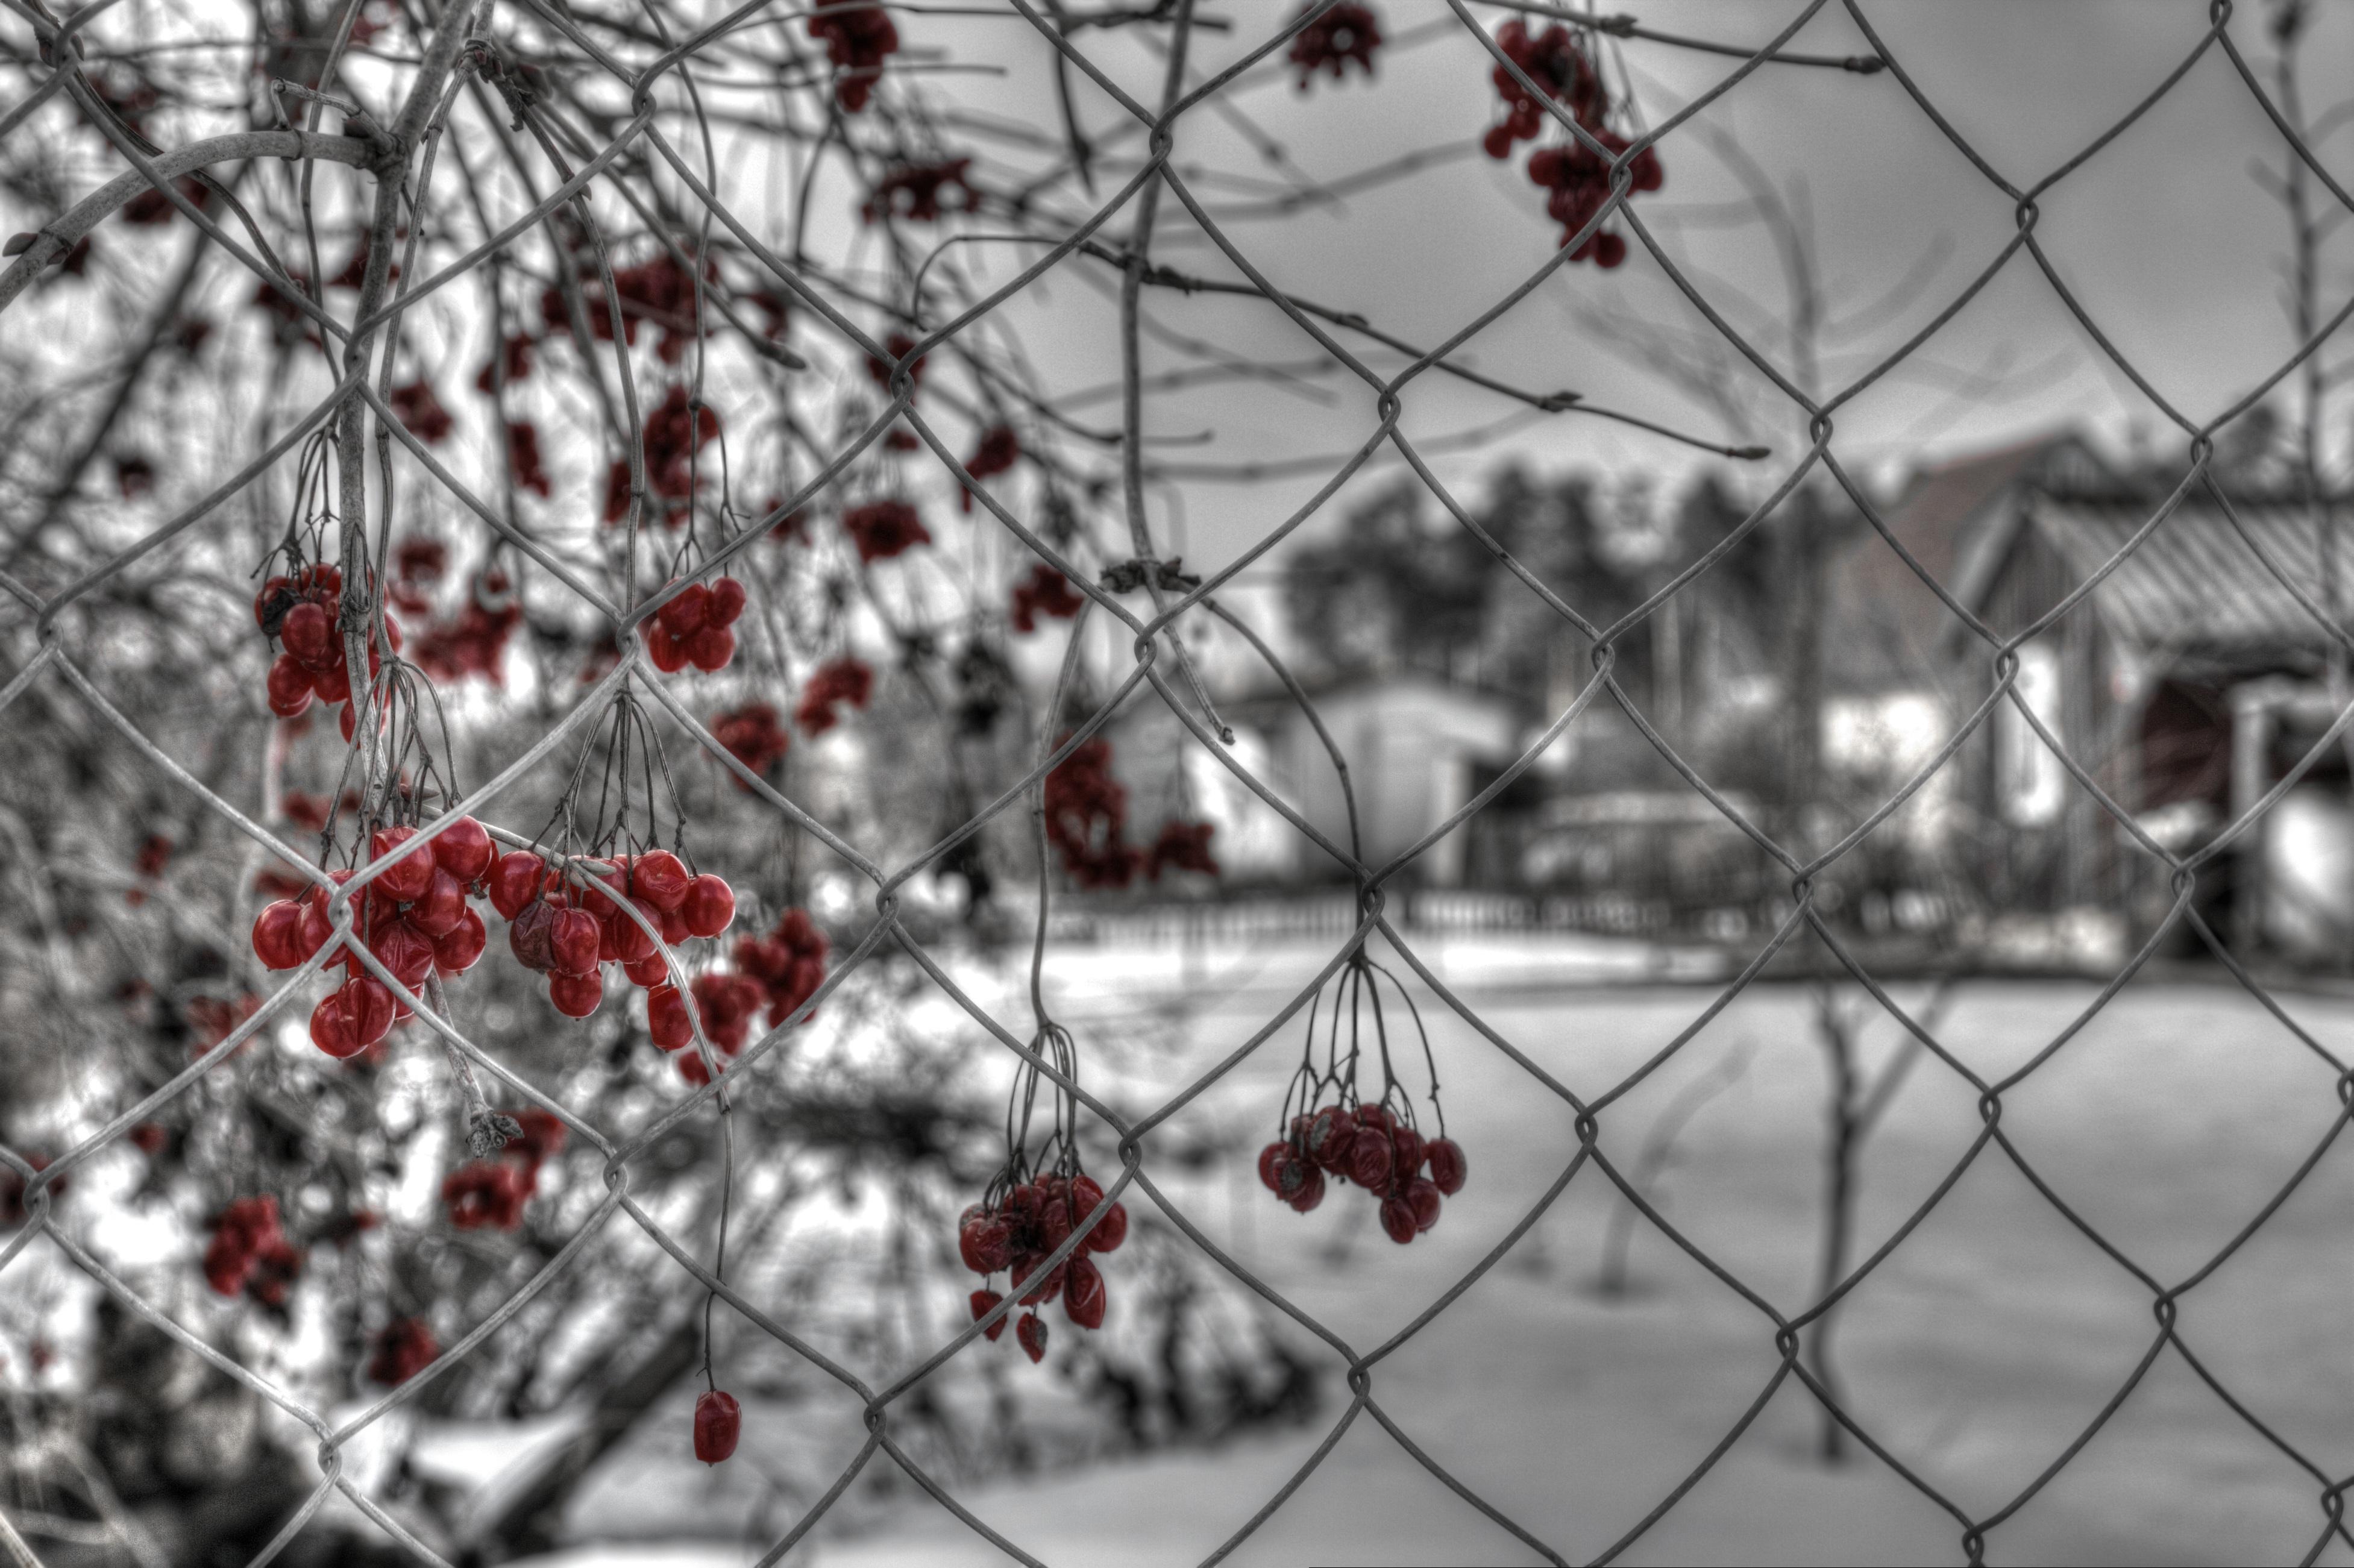 Immagini Belle Albero Natura Ramo La Neve Inverno Bianco E